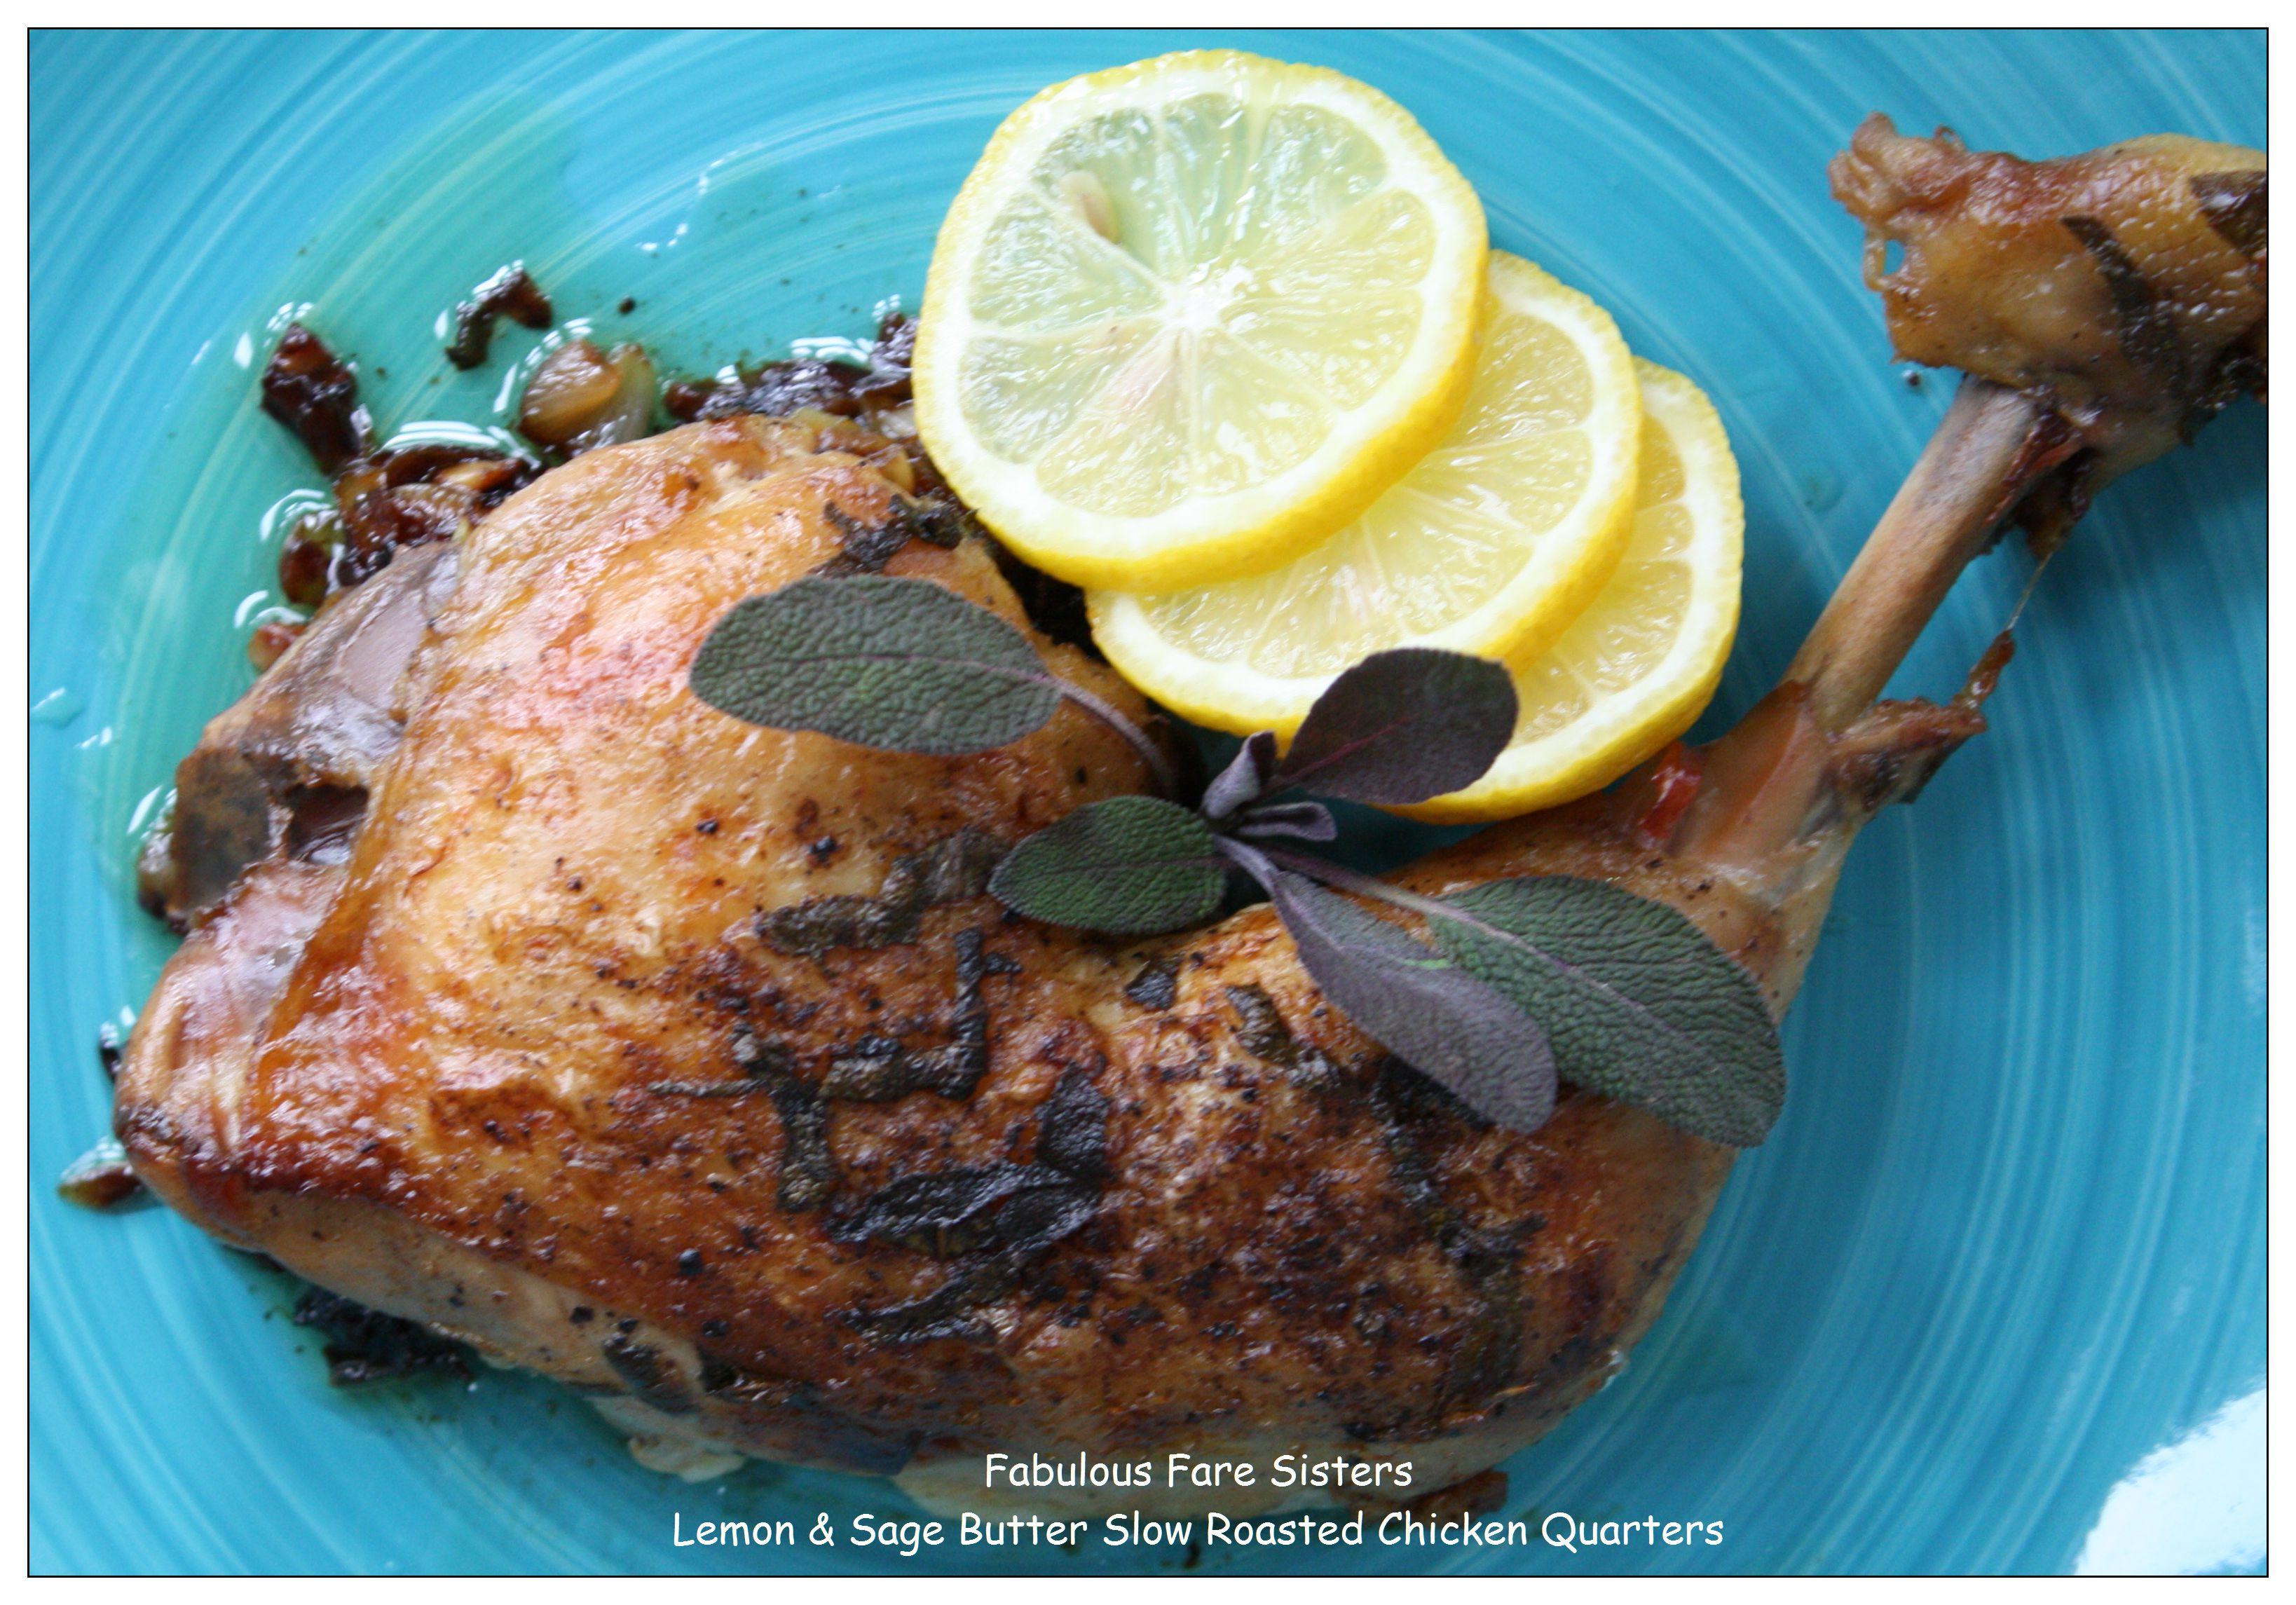 Lemon & Sage Butter Slow Roasted Chicken Quarters 1